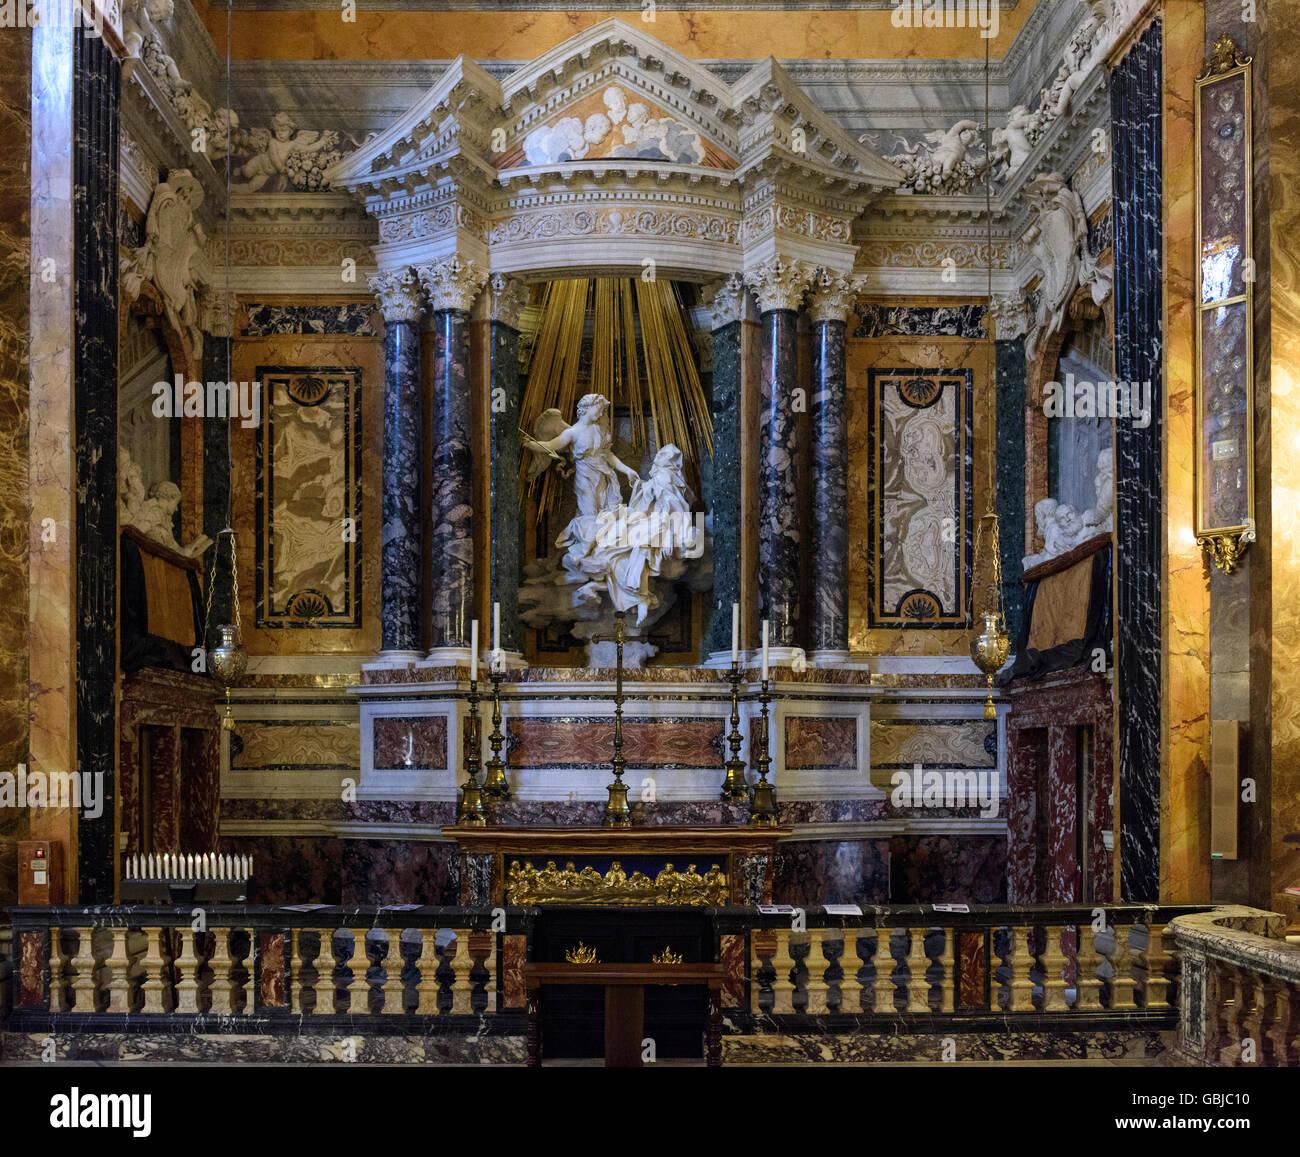 Roma Italia La Escultura De Bernini De El Extasis De Santa Teresa